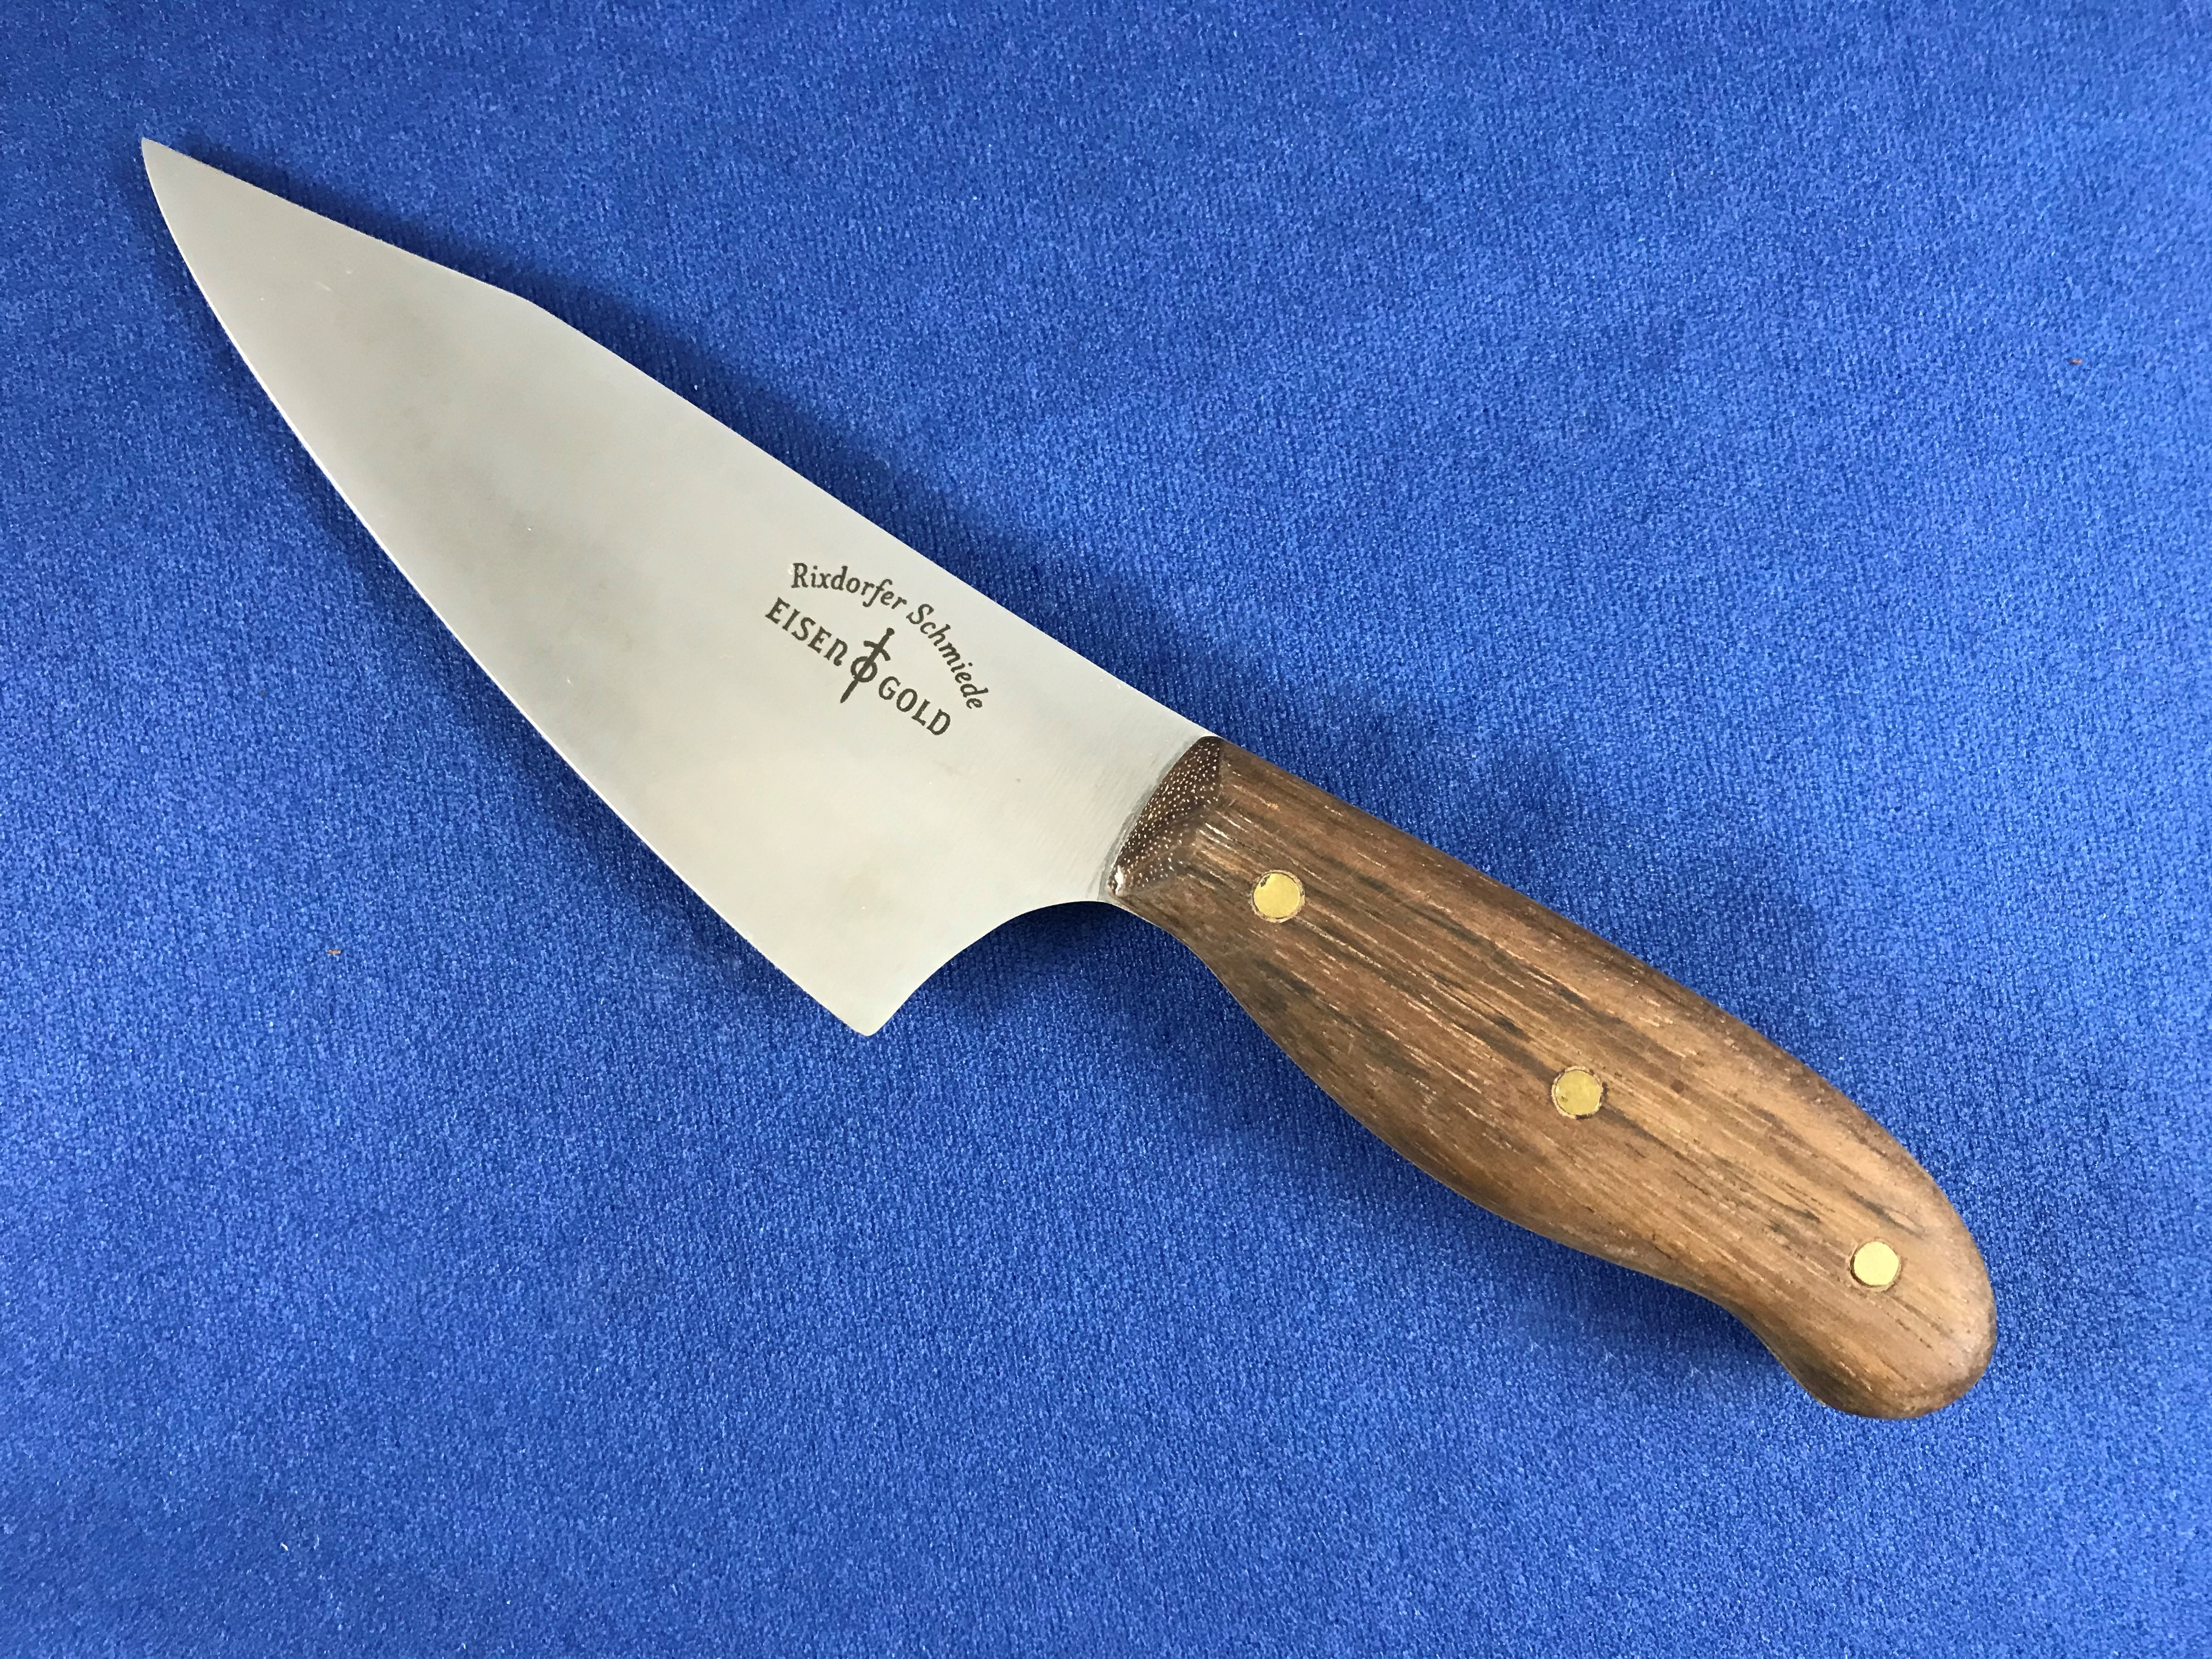 Messer 'kleiner dicker Bruder'